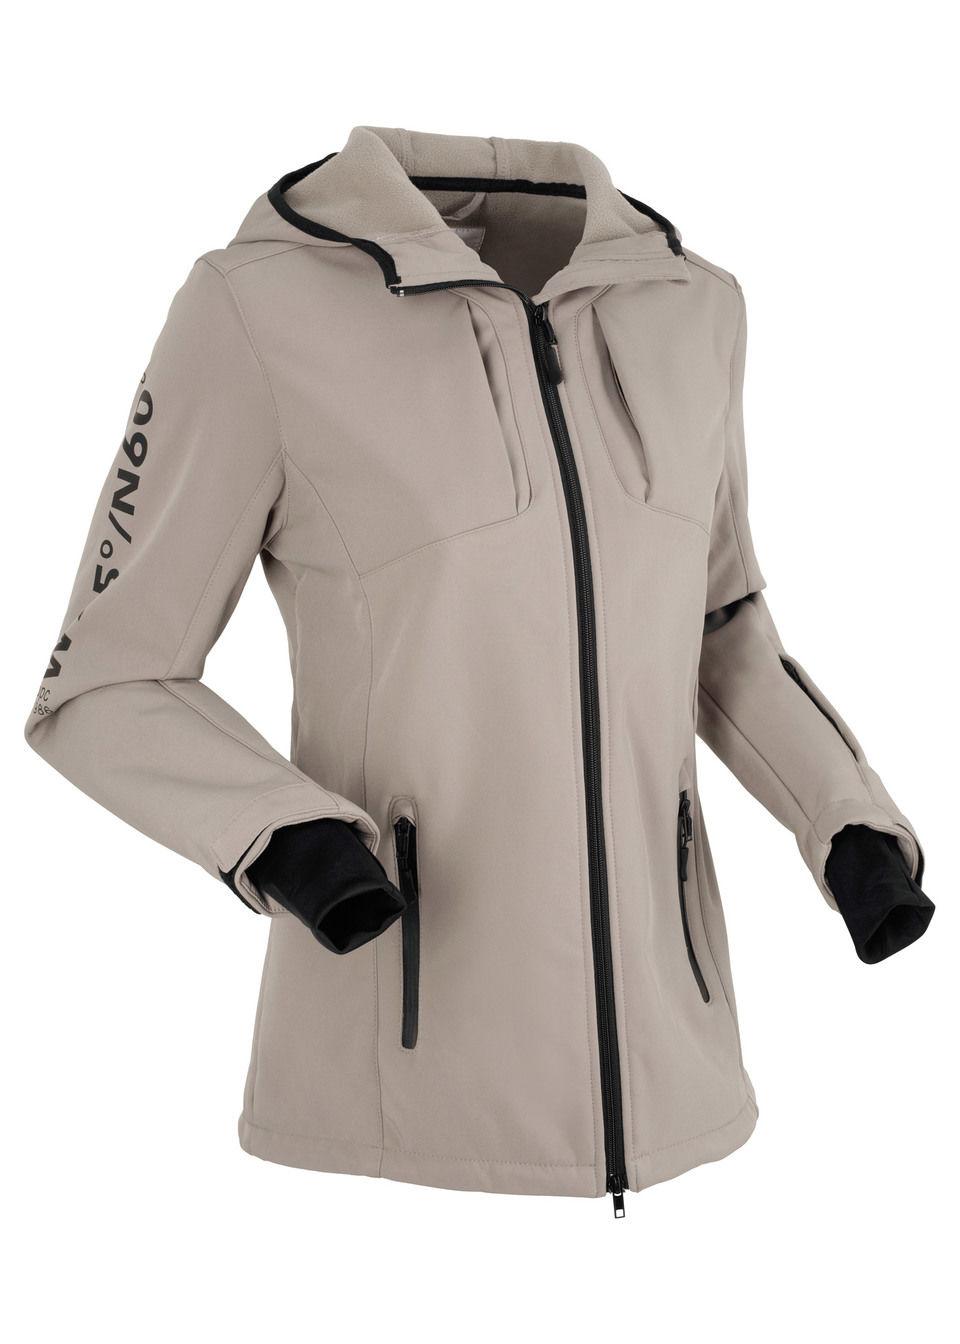 Купить Куртки и плащи, Куртка «софтшелл», bonprix, серо-коричневый